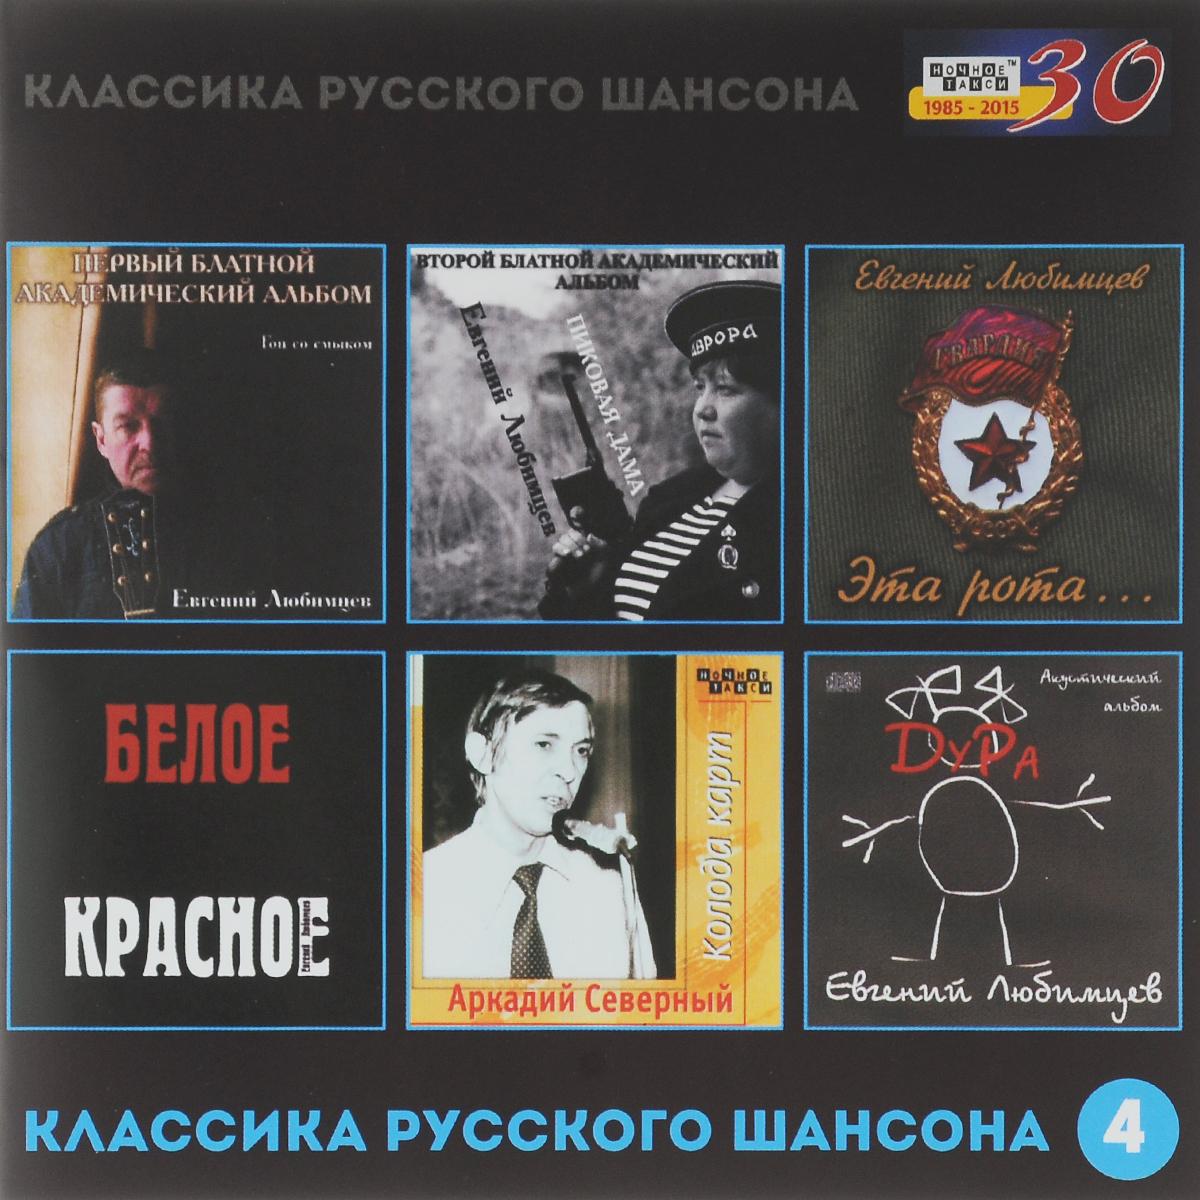 В сборник вошли следующие альбомы: